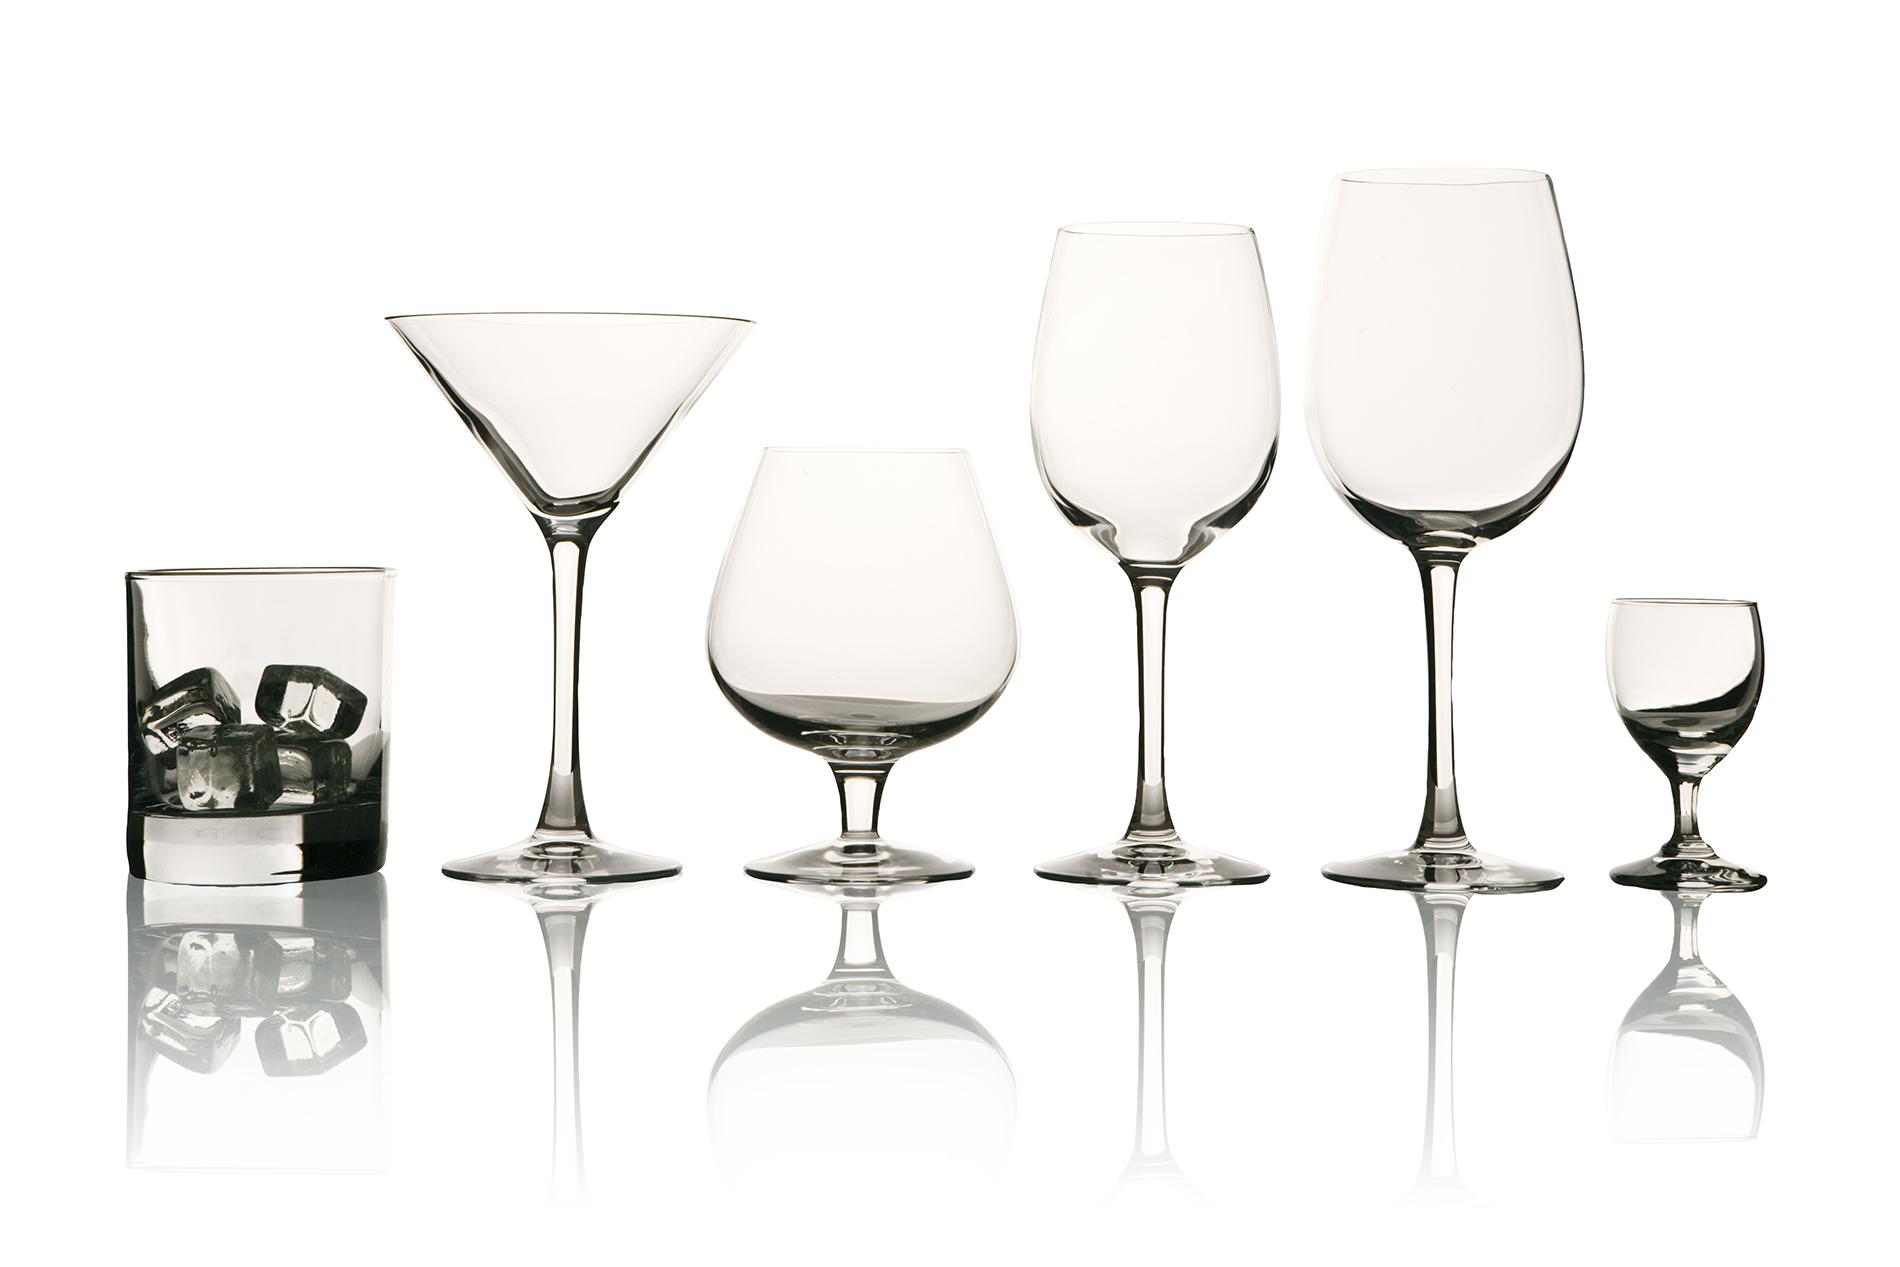 Glas ist nicht gleich glas strasser steine for Cristaleria para bar